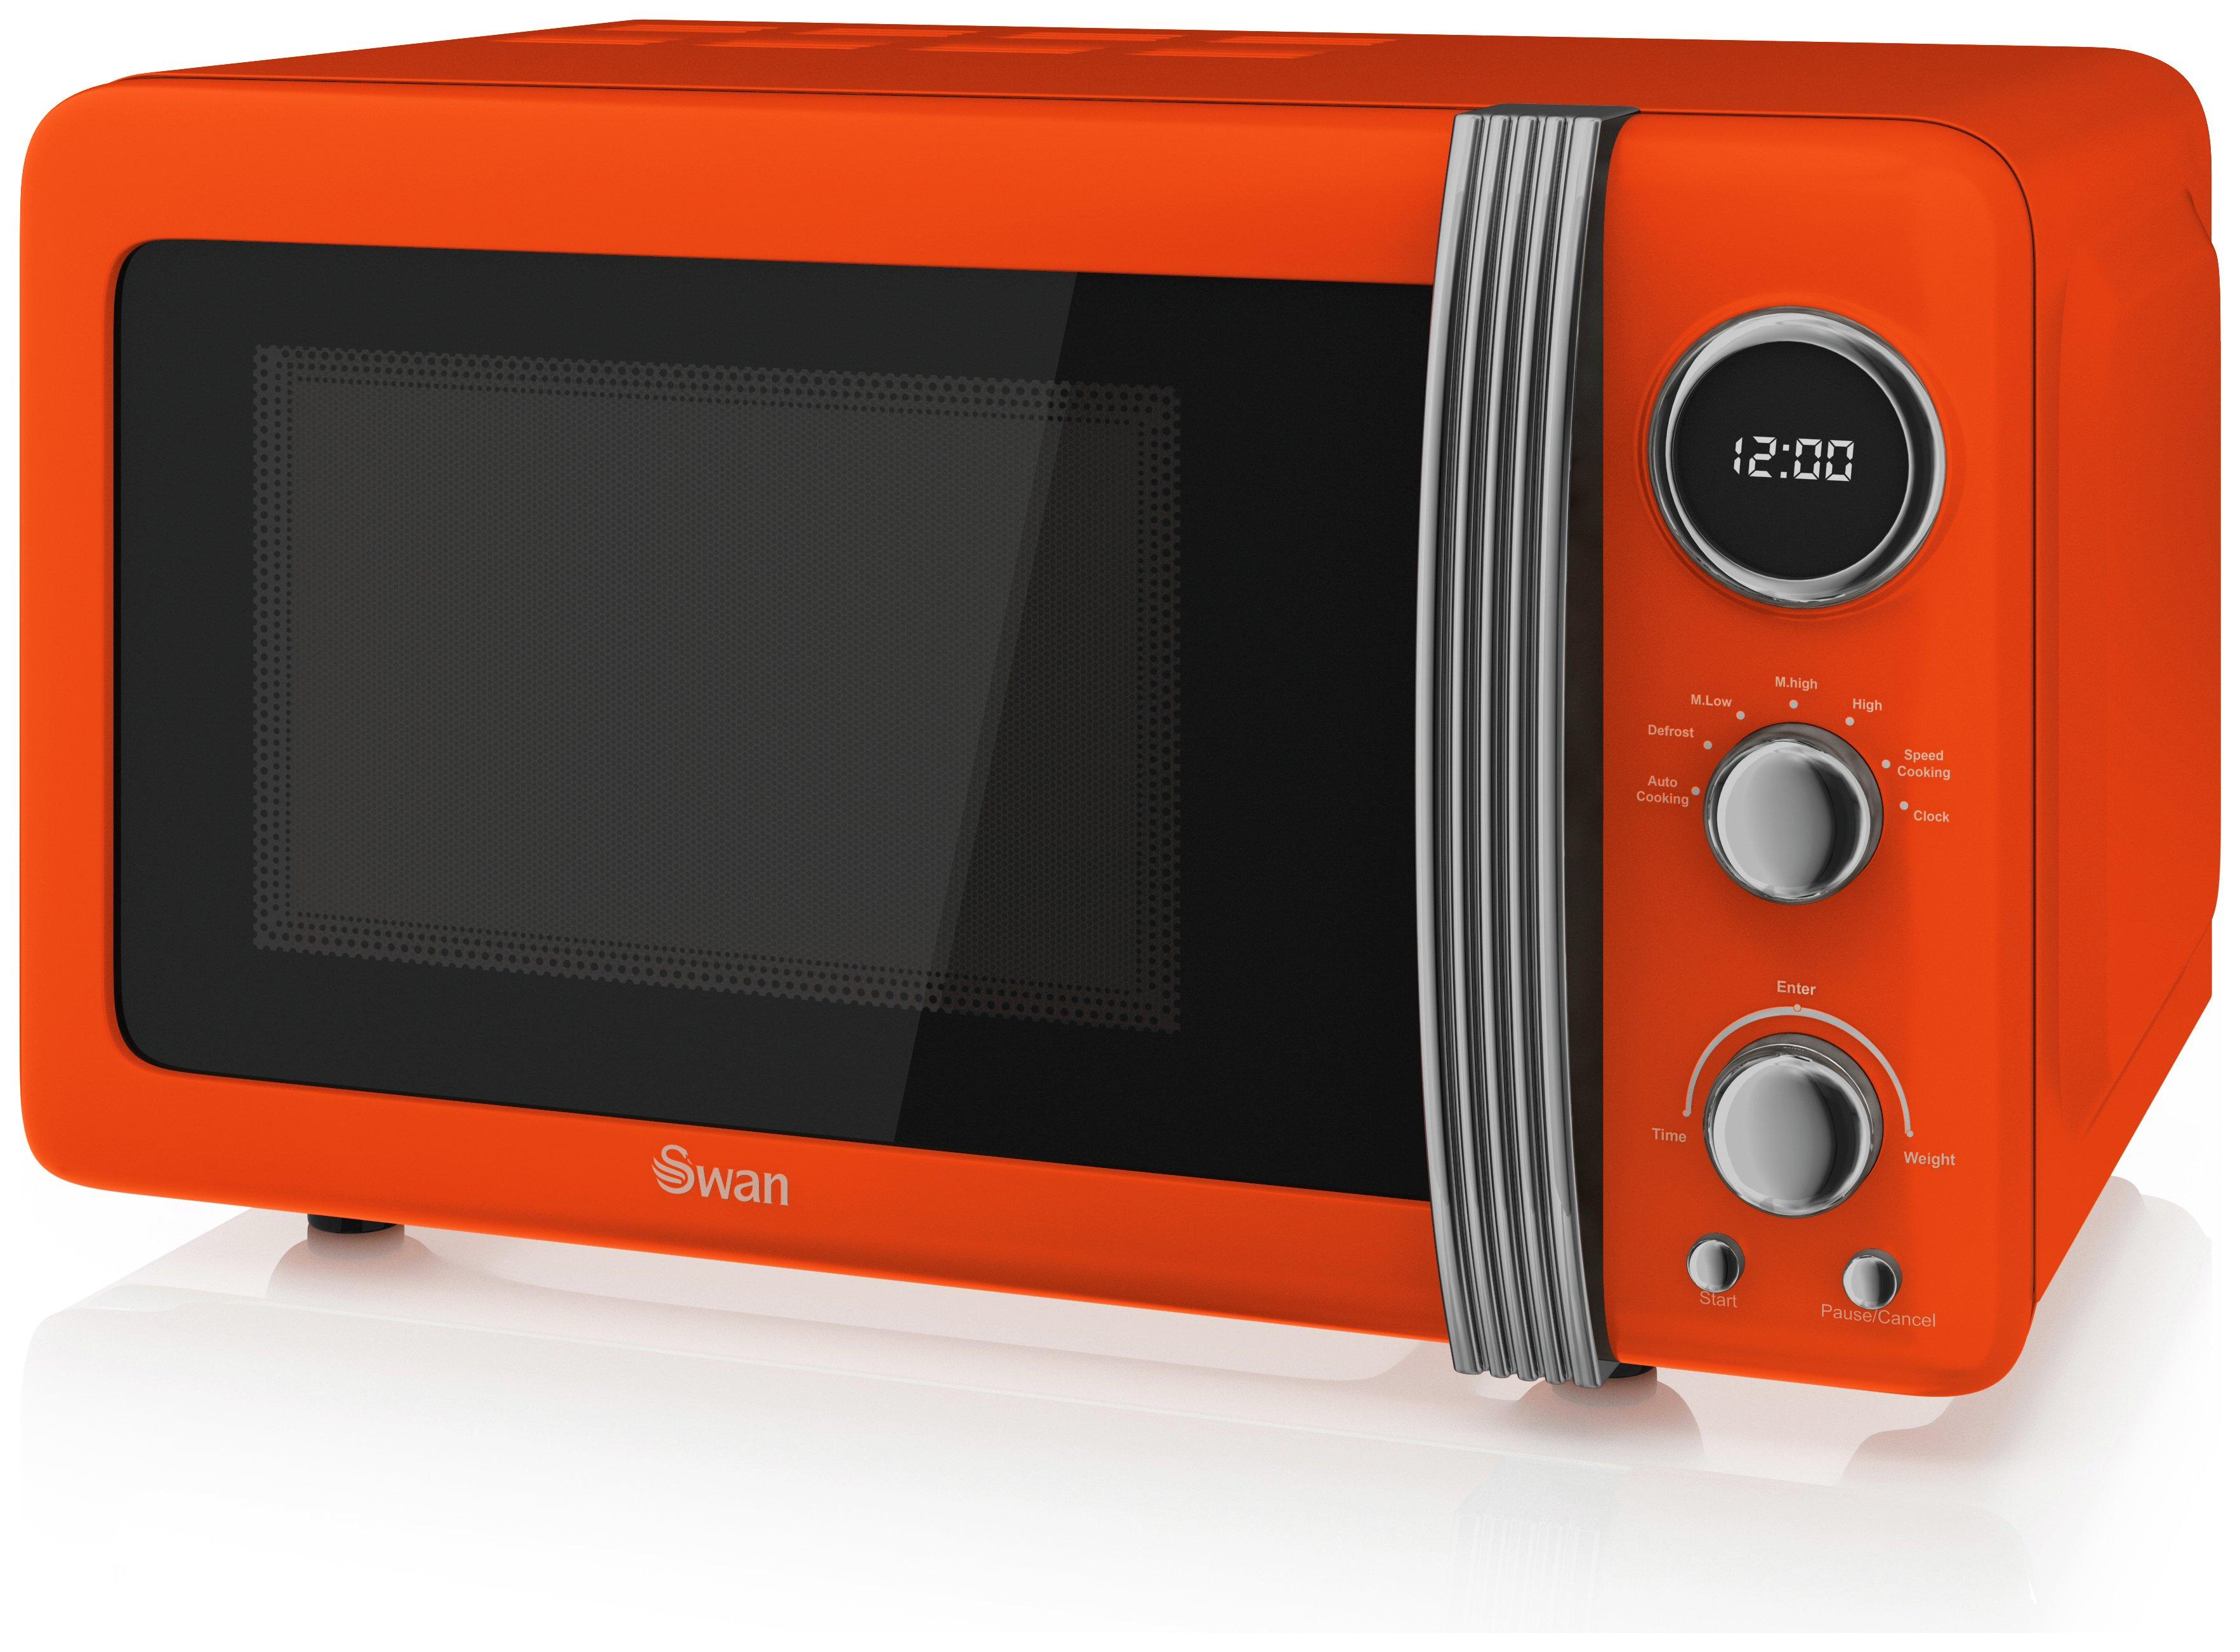 swan-standard-microwave-sm22030on-orange